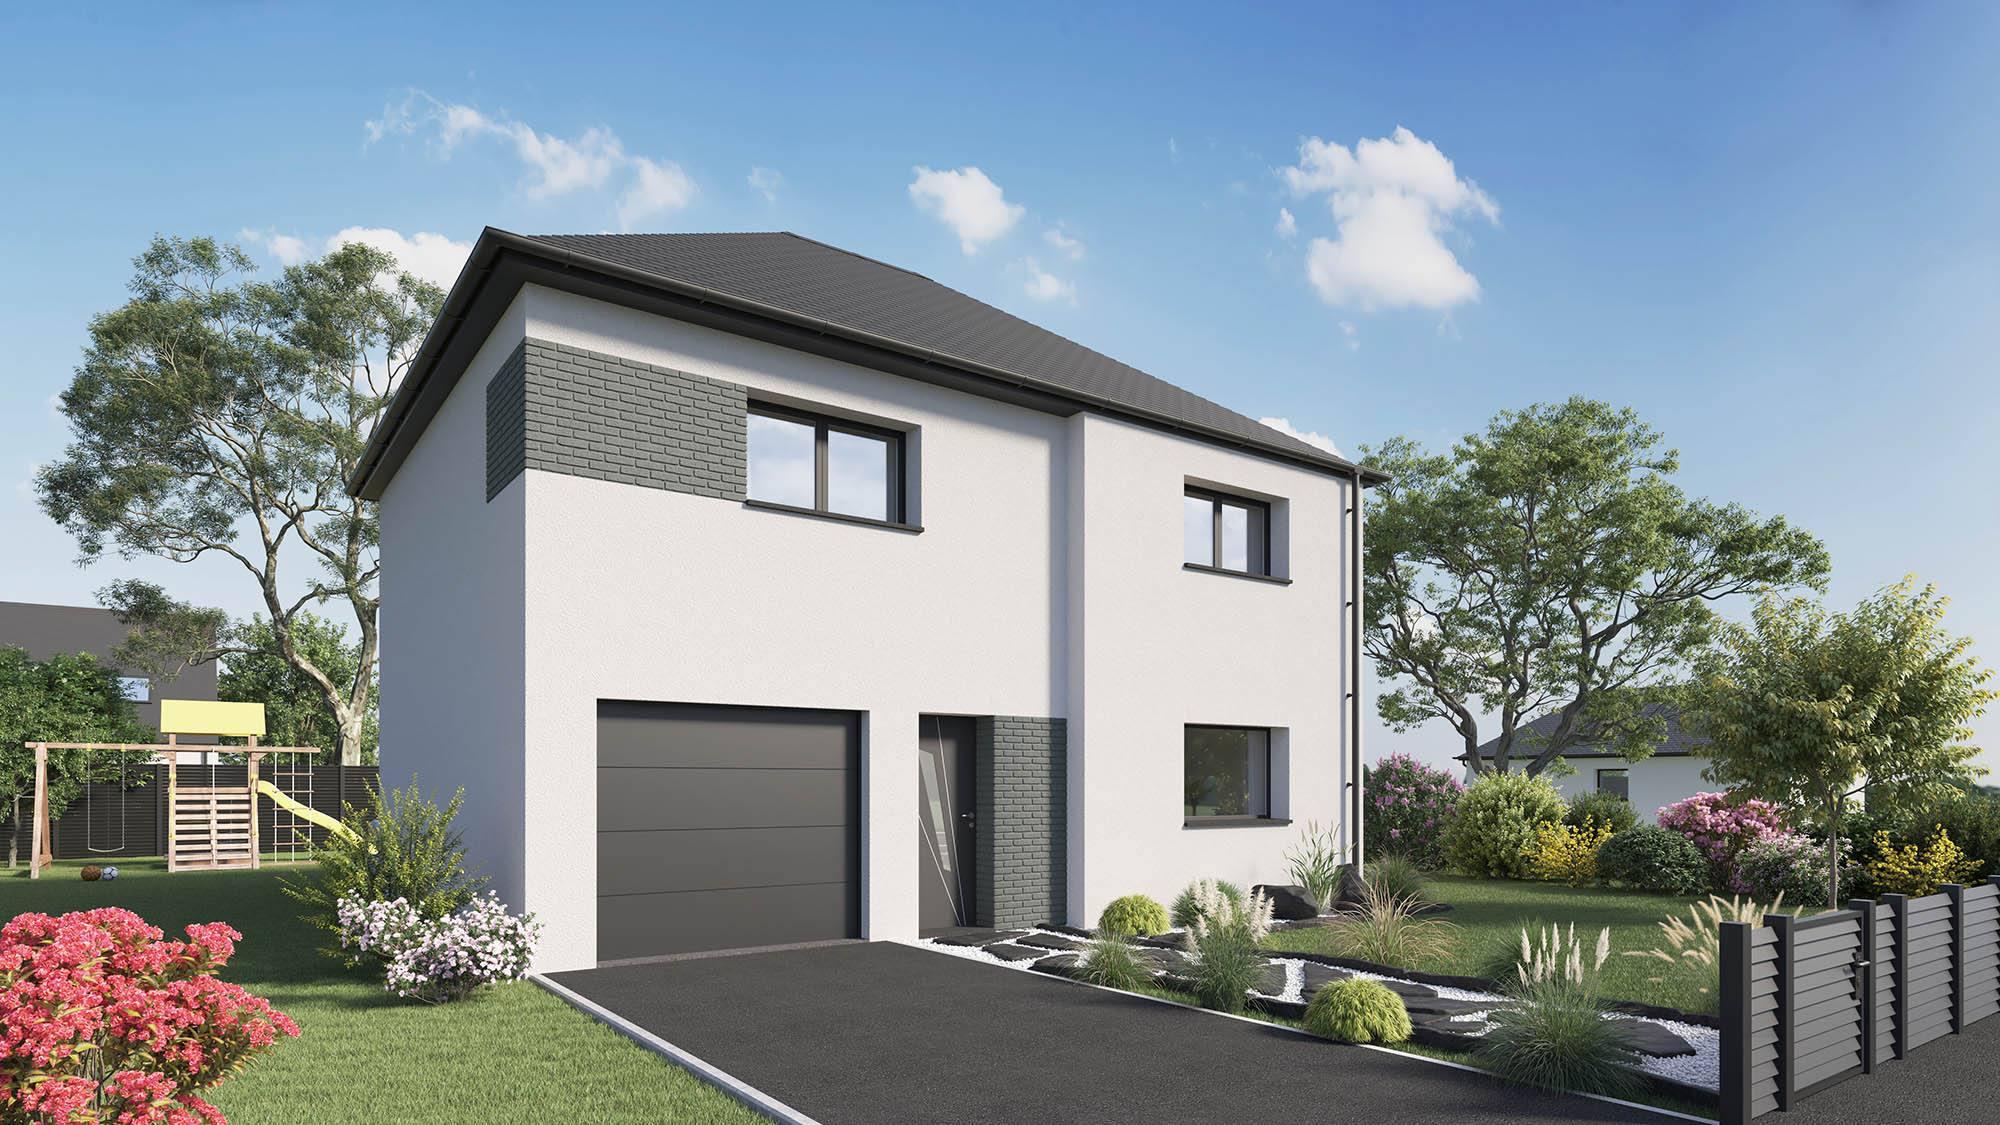 Maisons + Terrains du constructeur MAISON CASTOR REIMS • 116 m² • BOURGOGNE